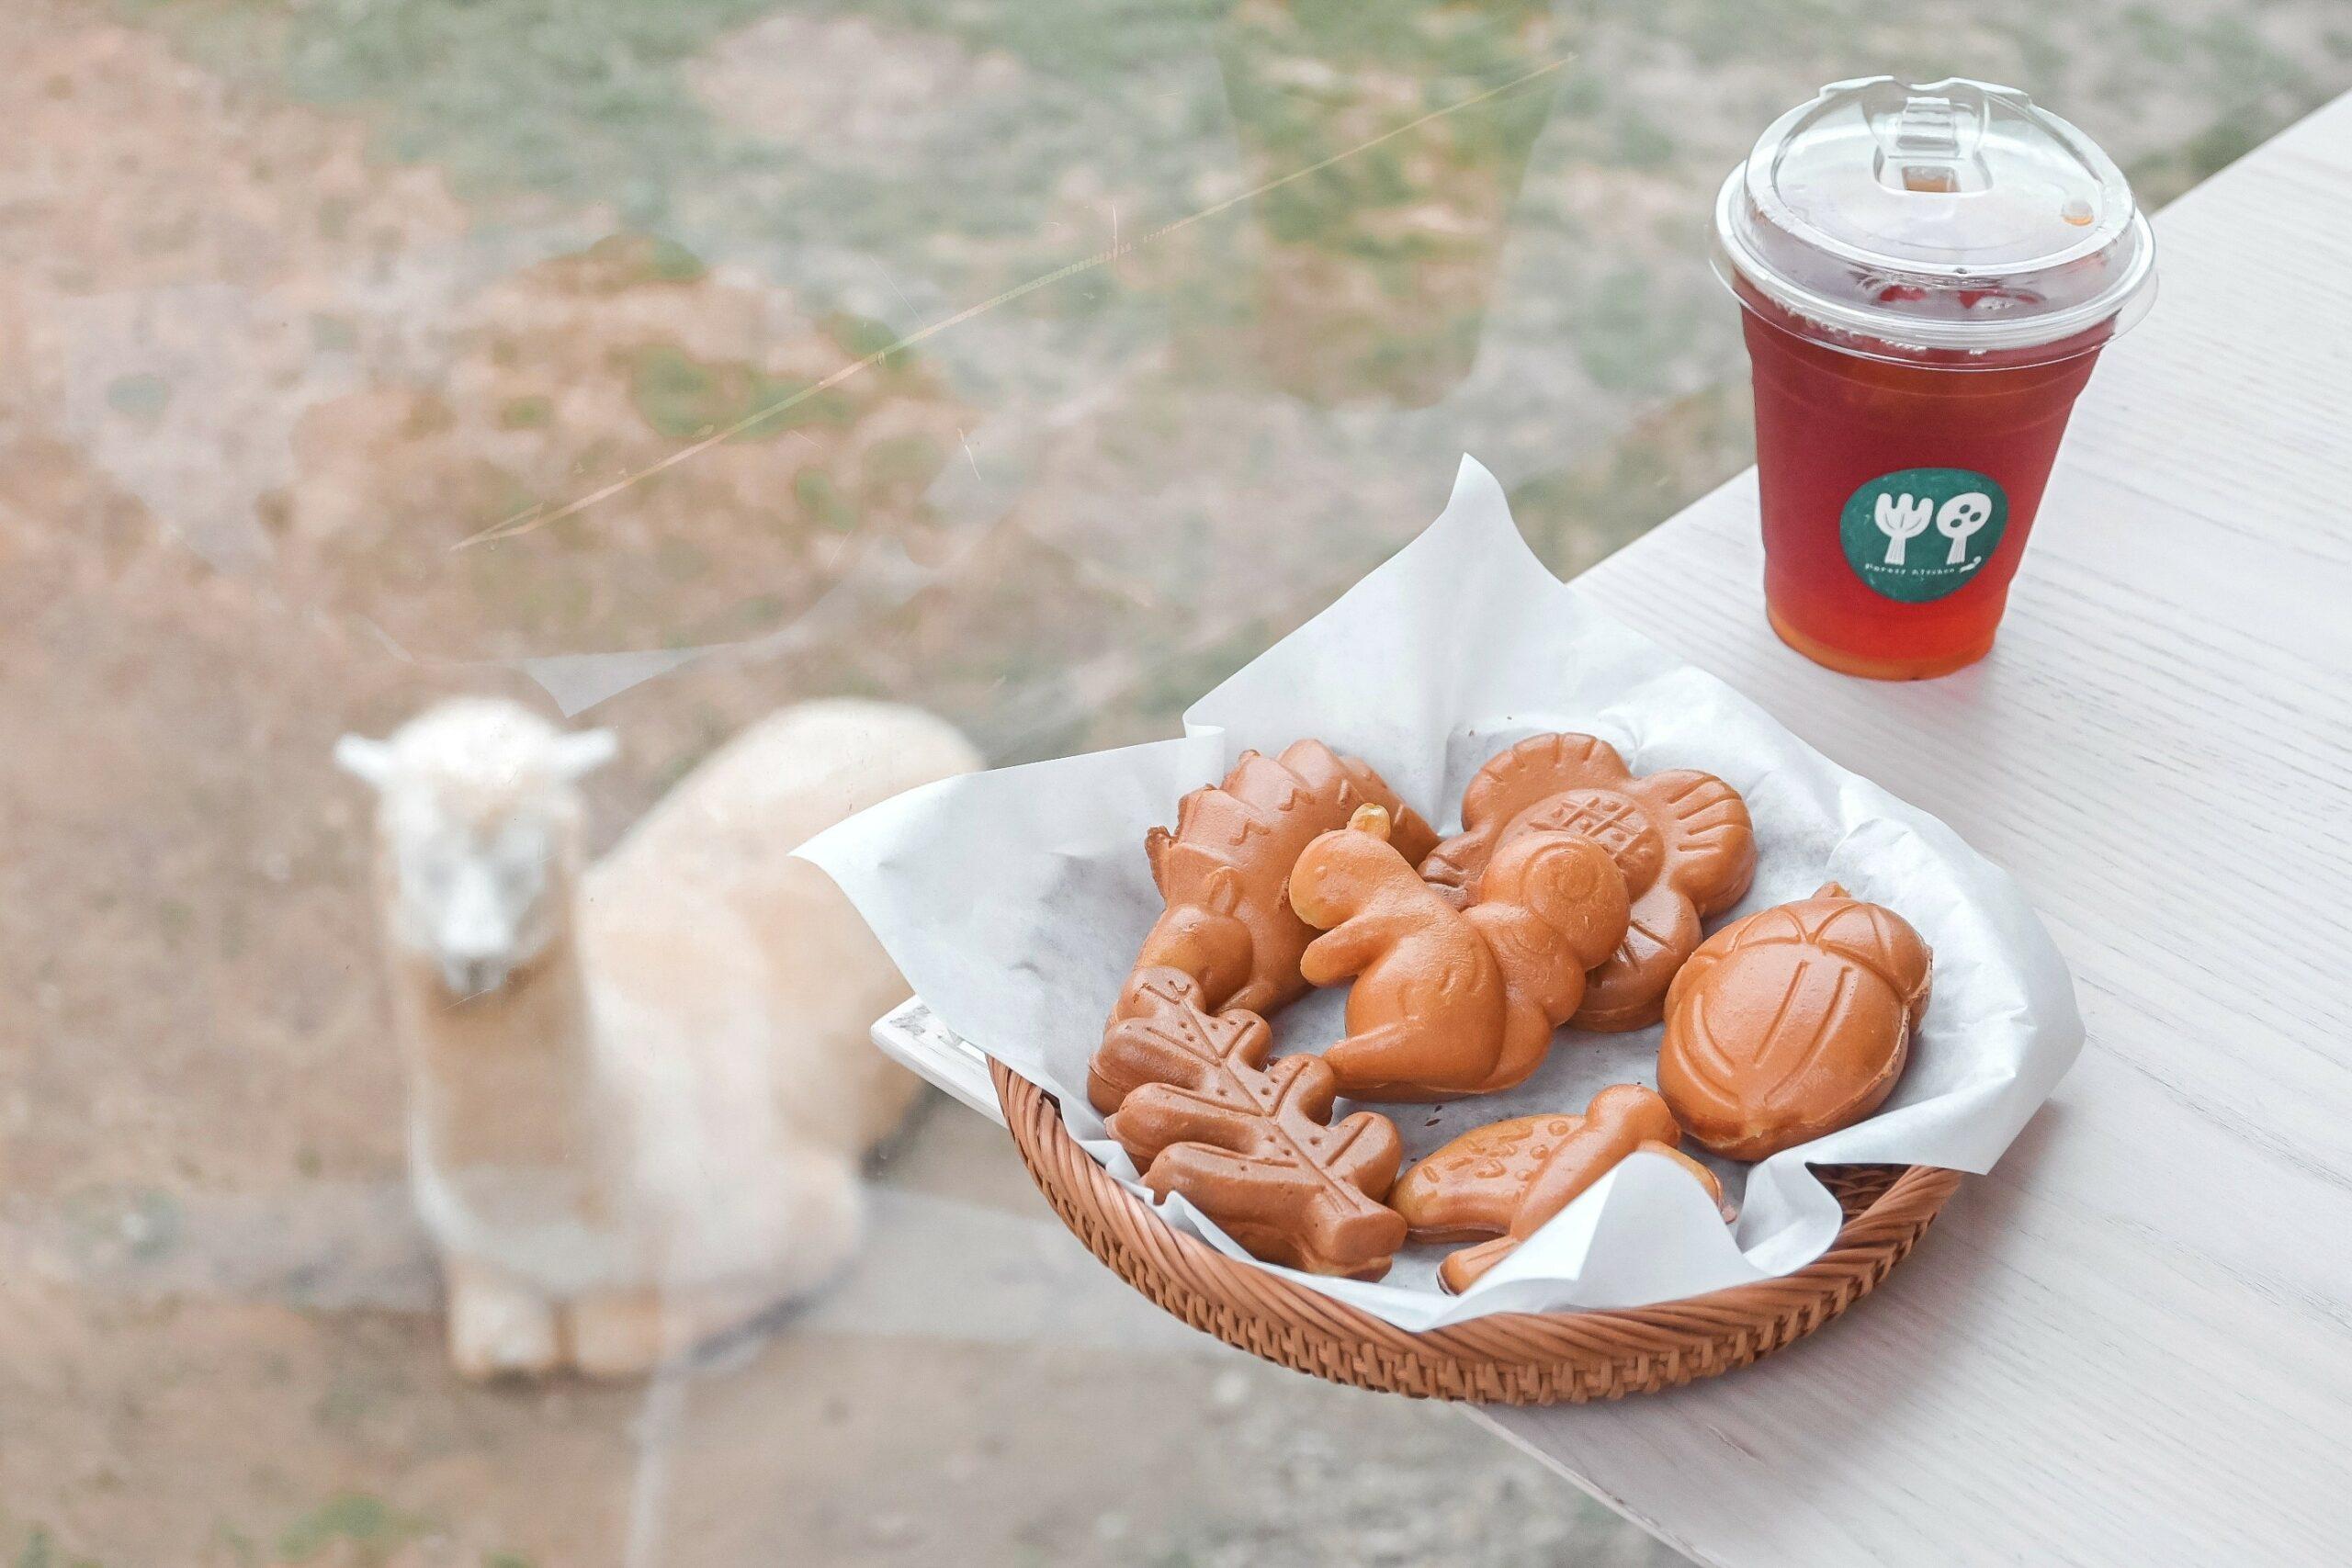 【新竹美食】森林食堂&野餐市集:吃造型雞蛋糕看草泥馬,一整天都好可愛/新竹動物園 @女子的休假計劃